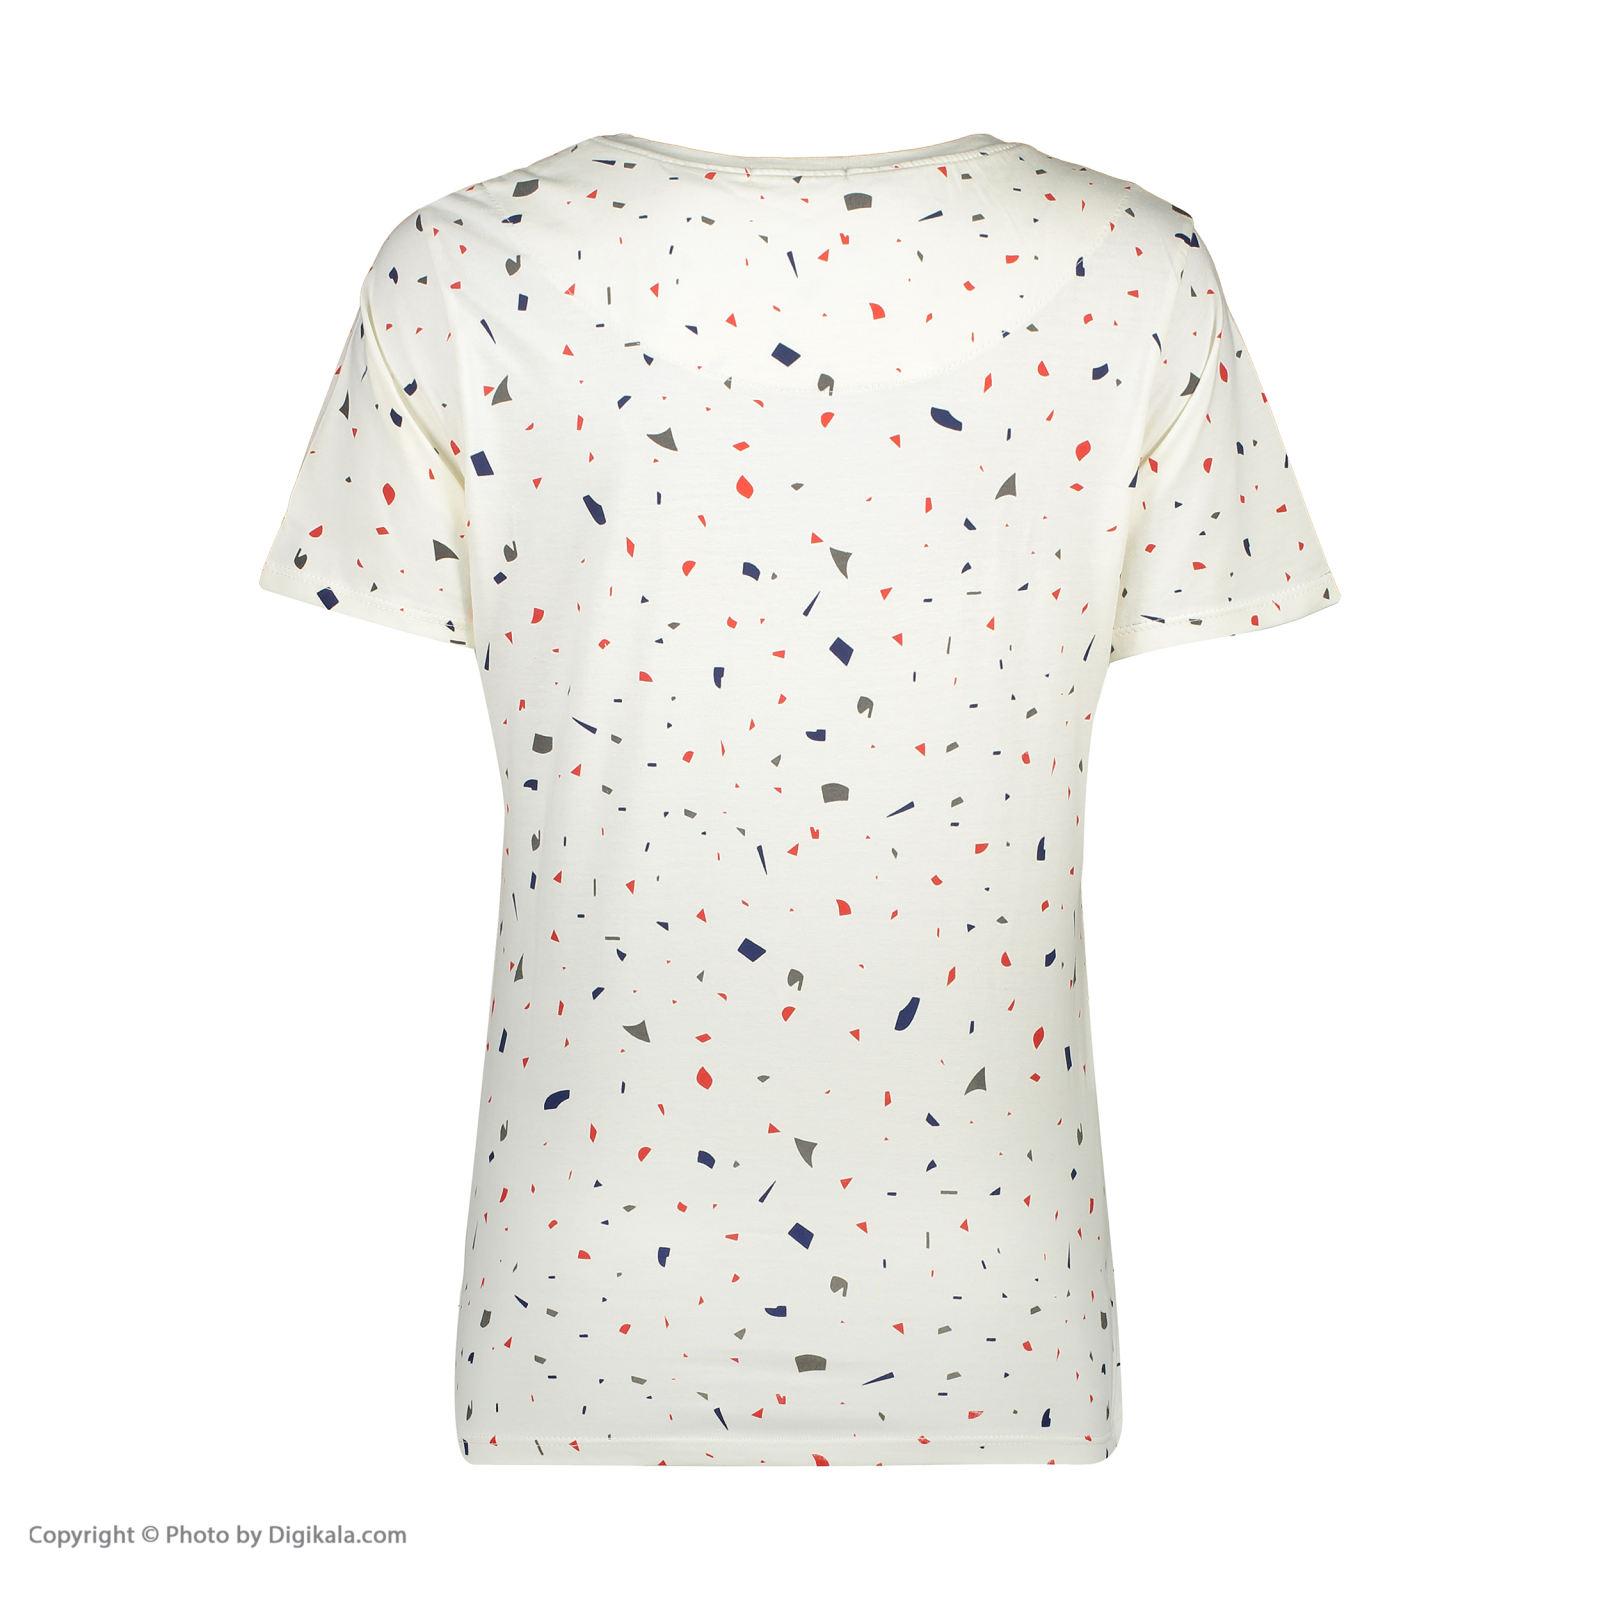 ست تی شرت و شلوارک راحتی زنانه مادر مدل 2041103-67 -  - 6